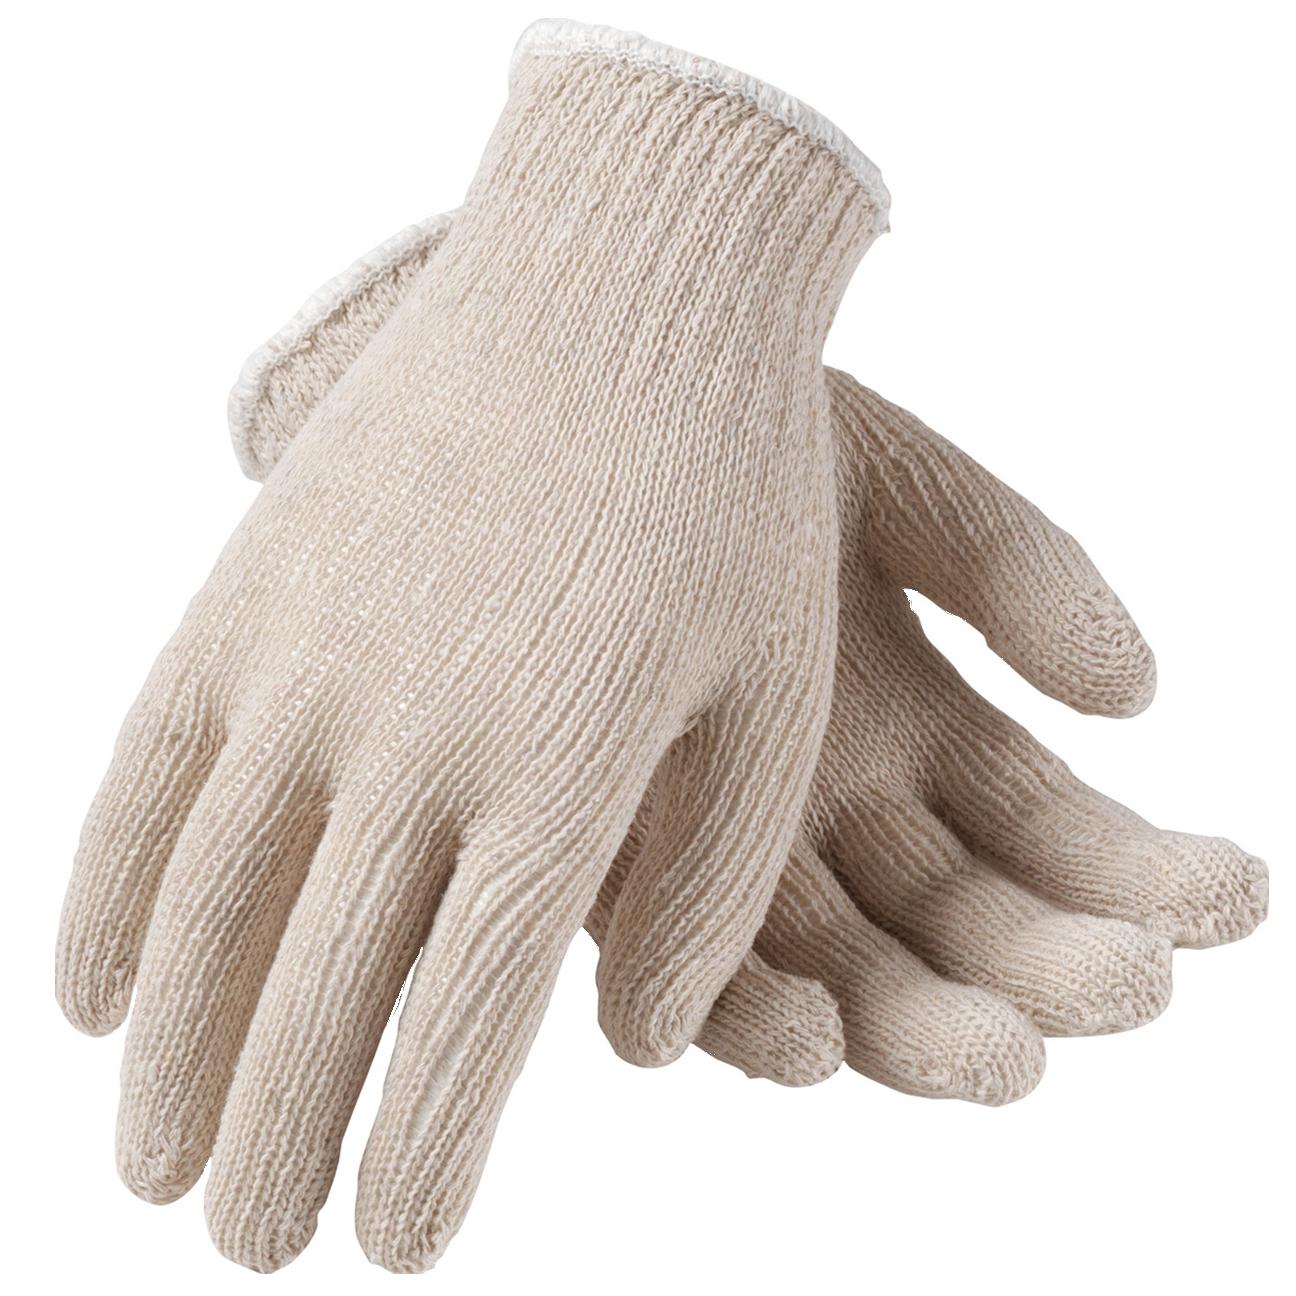 Knit Gloves